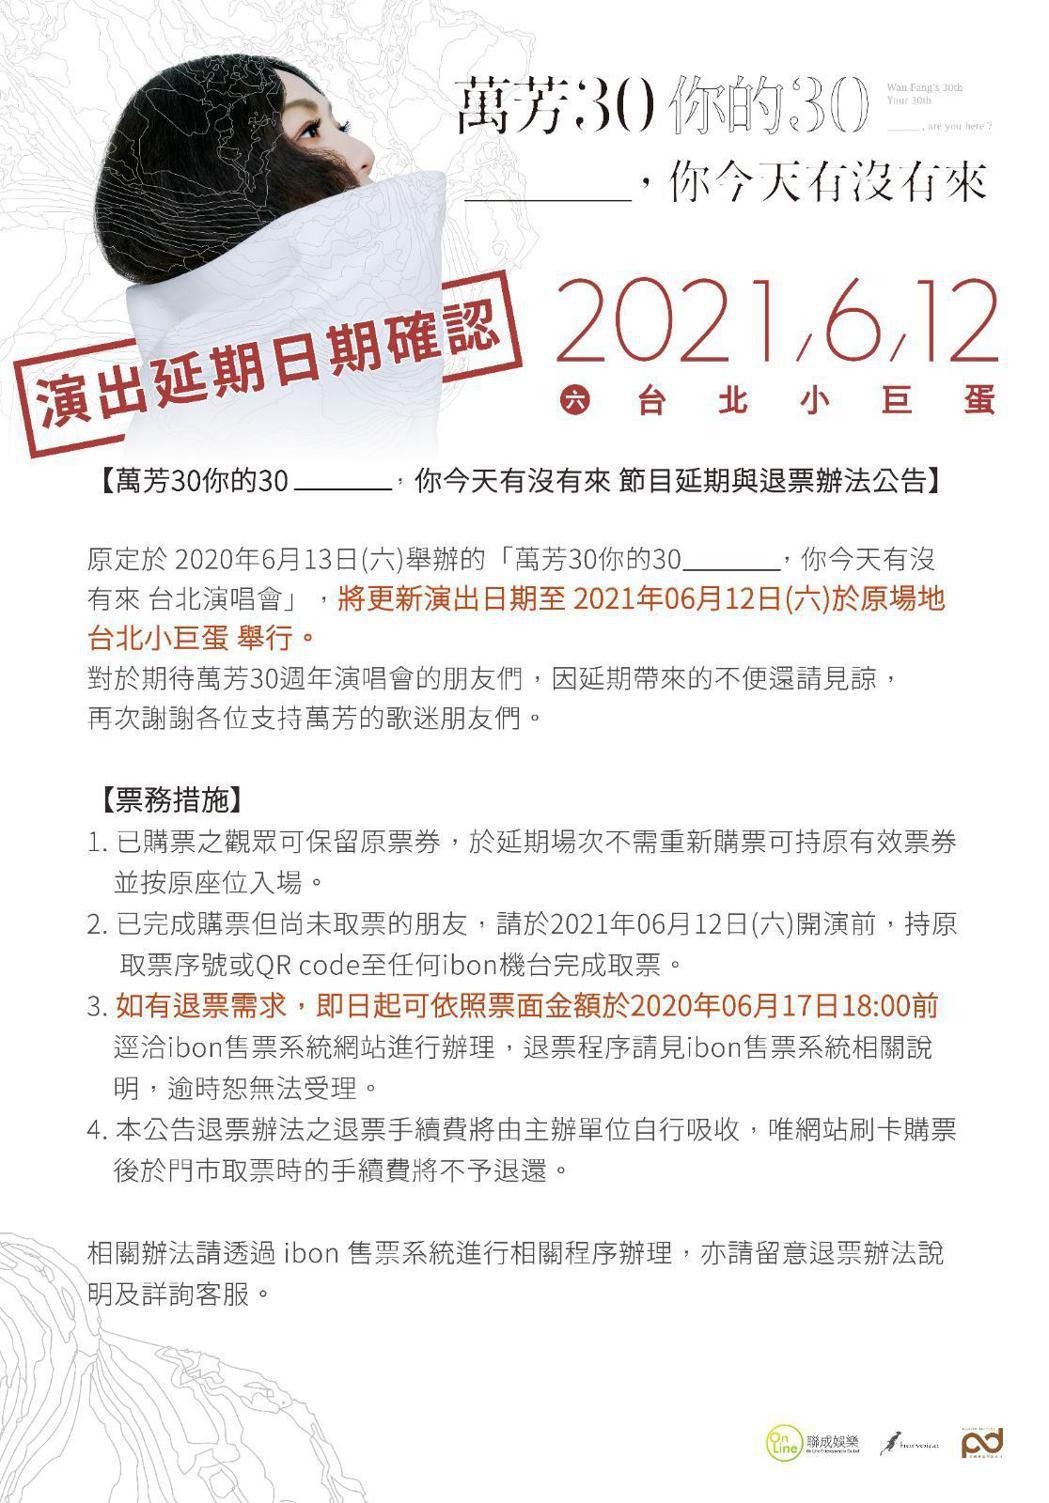 萬芳公布小巨蛋演唱會退票方式。圖/何樂音樂提供